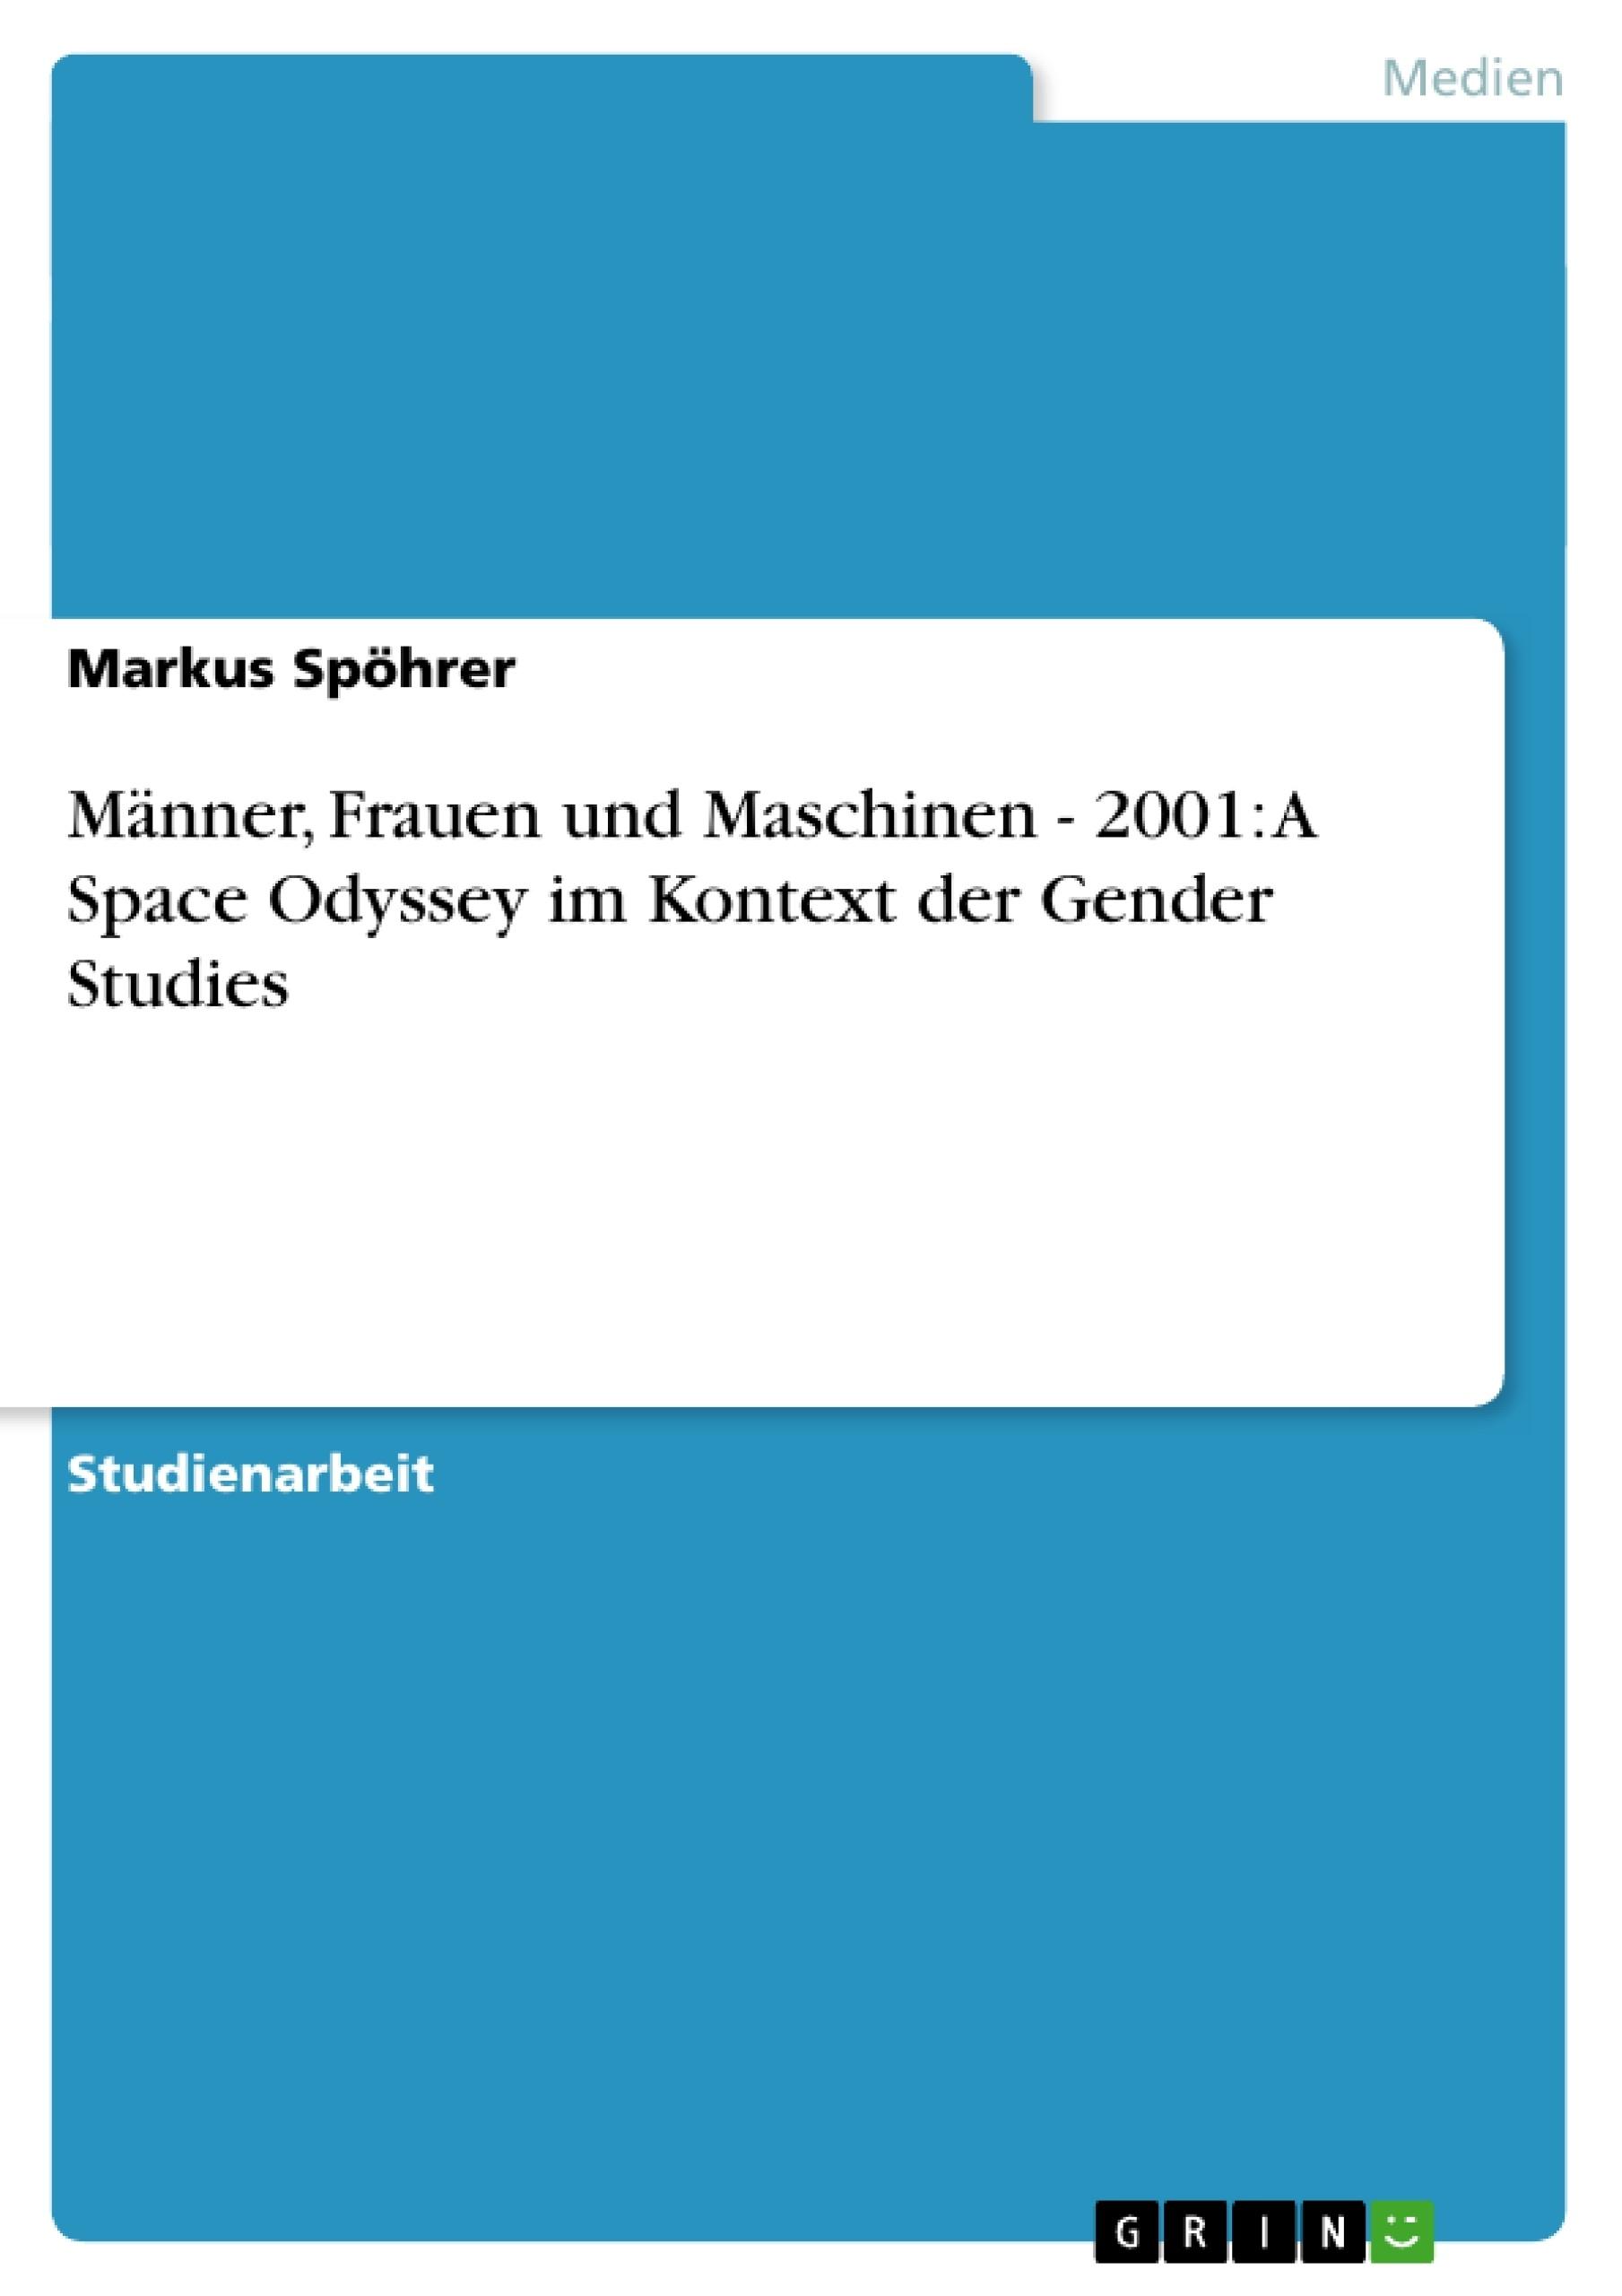 Titel: Männer, Frauen und Maschinen - 2001: A Space Odyssey im Kontext der Gender Studies